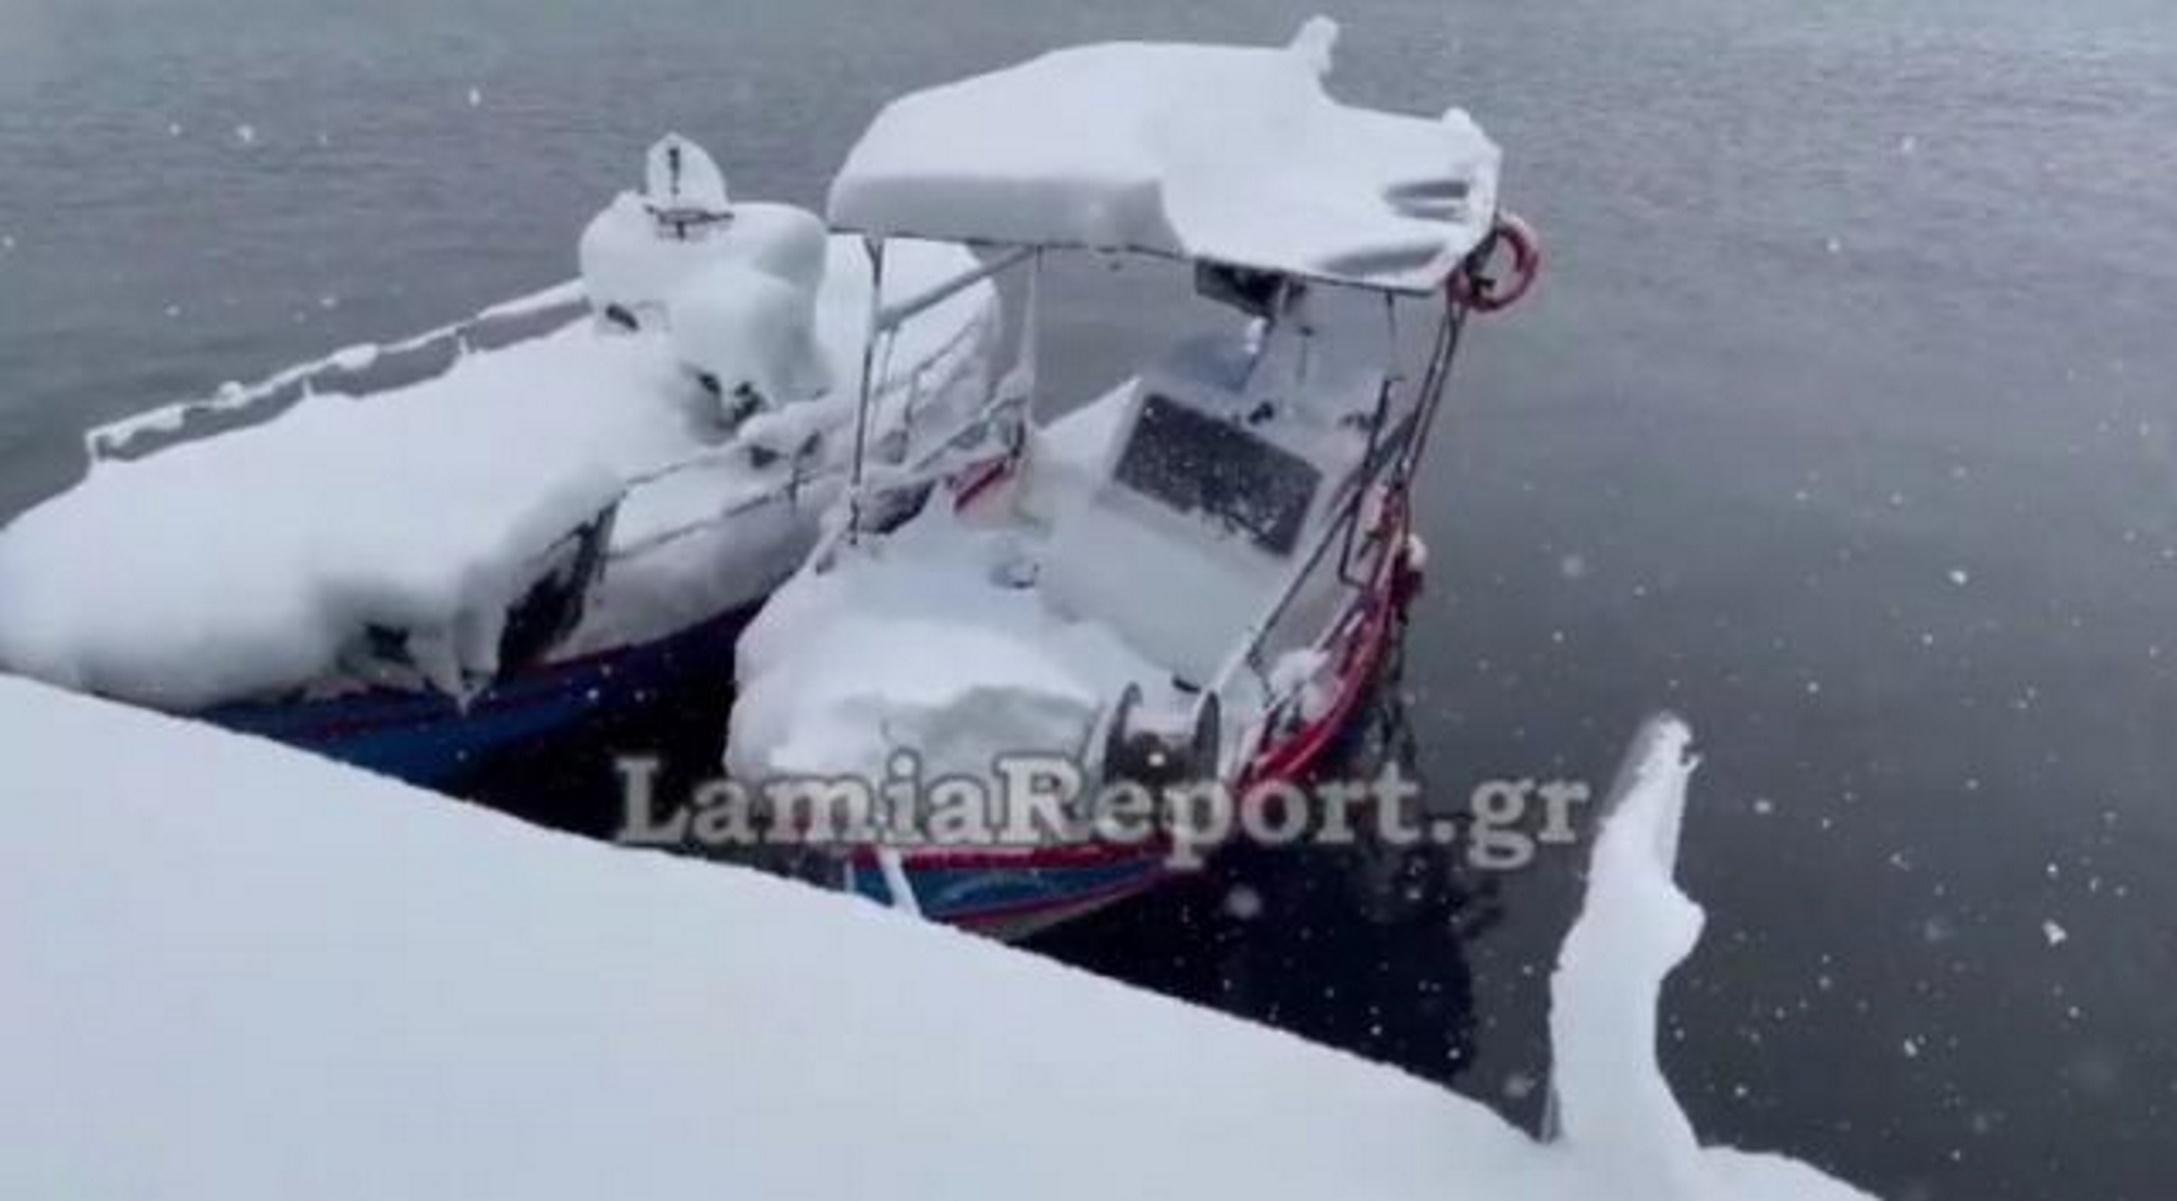 Καιρός – Λάρυμνα: Η παραλία στα λευκά – «Από το '87 έχουμε να δούμε τόσο χιόνι» (video)